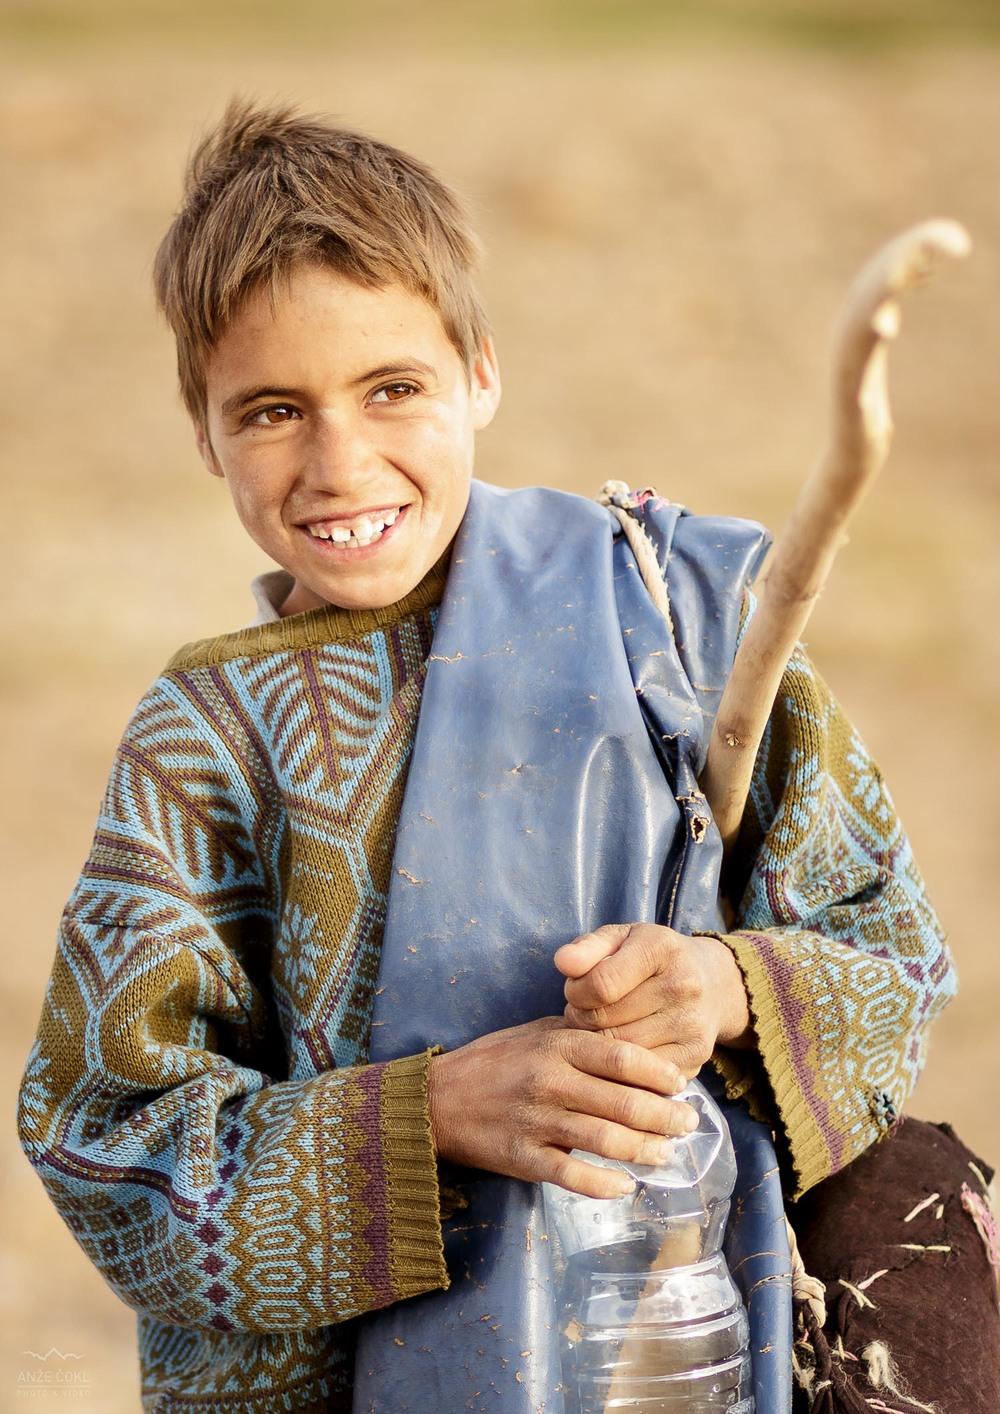 Na prvi pogled simpatičen pastir. V resnici mlad zlikavec in živi nategun.